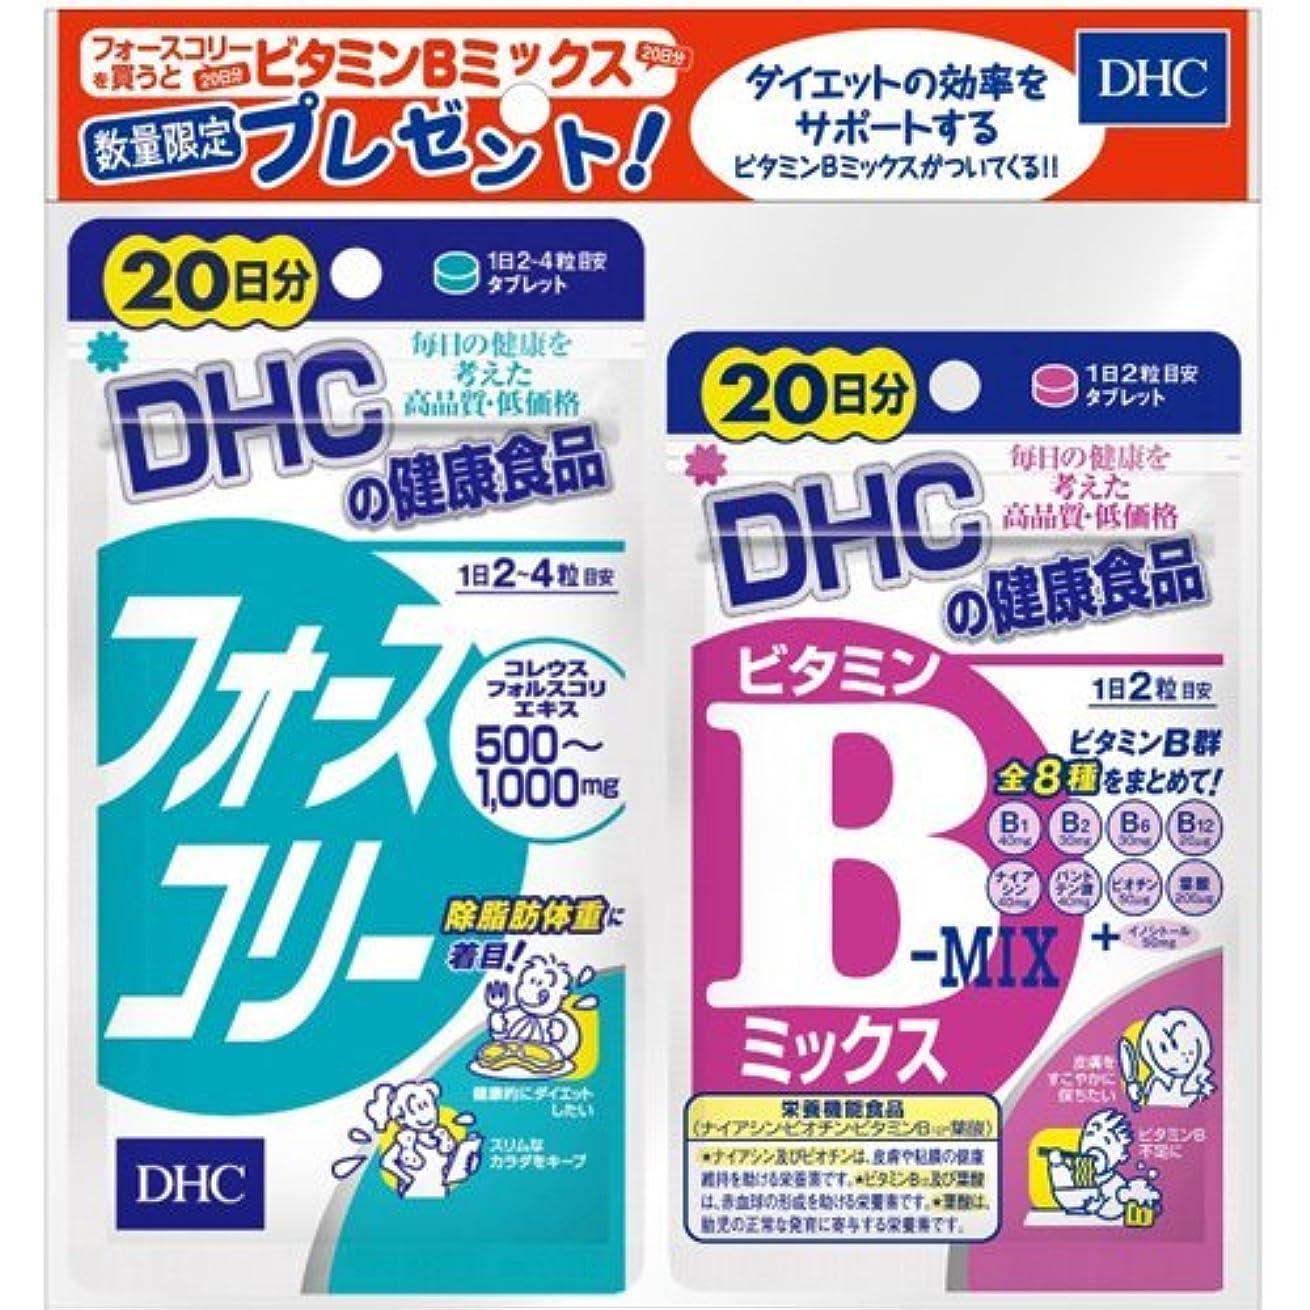 つばレビュアー日食【数量限定】DHC フォースコリー 20日分 80粒(DHC ビタミンBミックス 20日分 40粒付き)